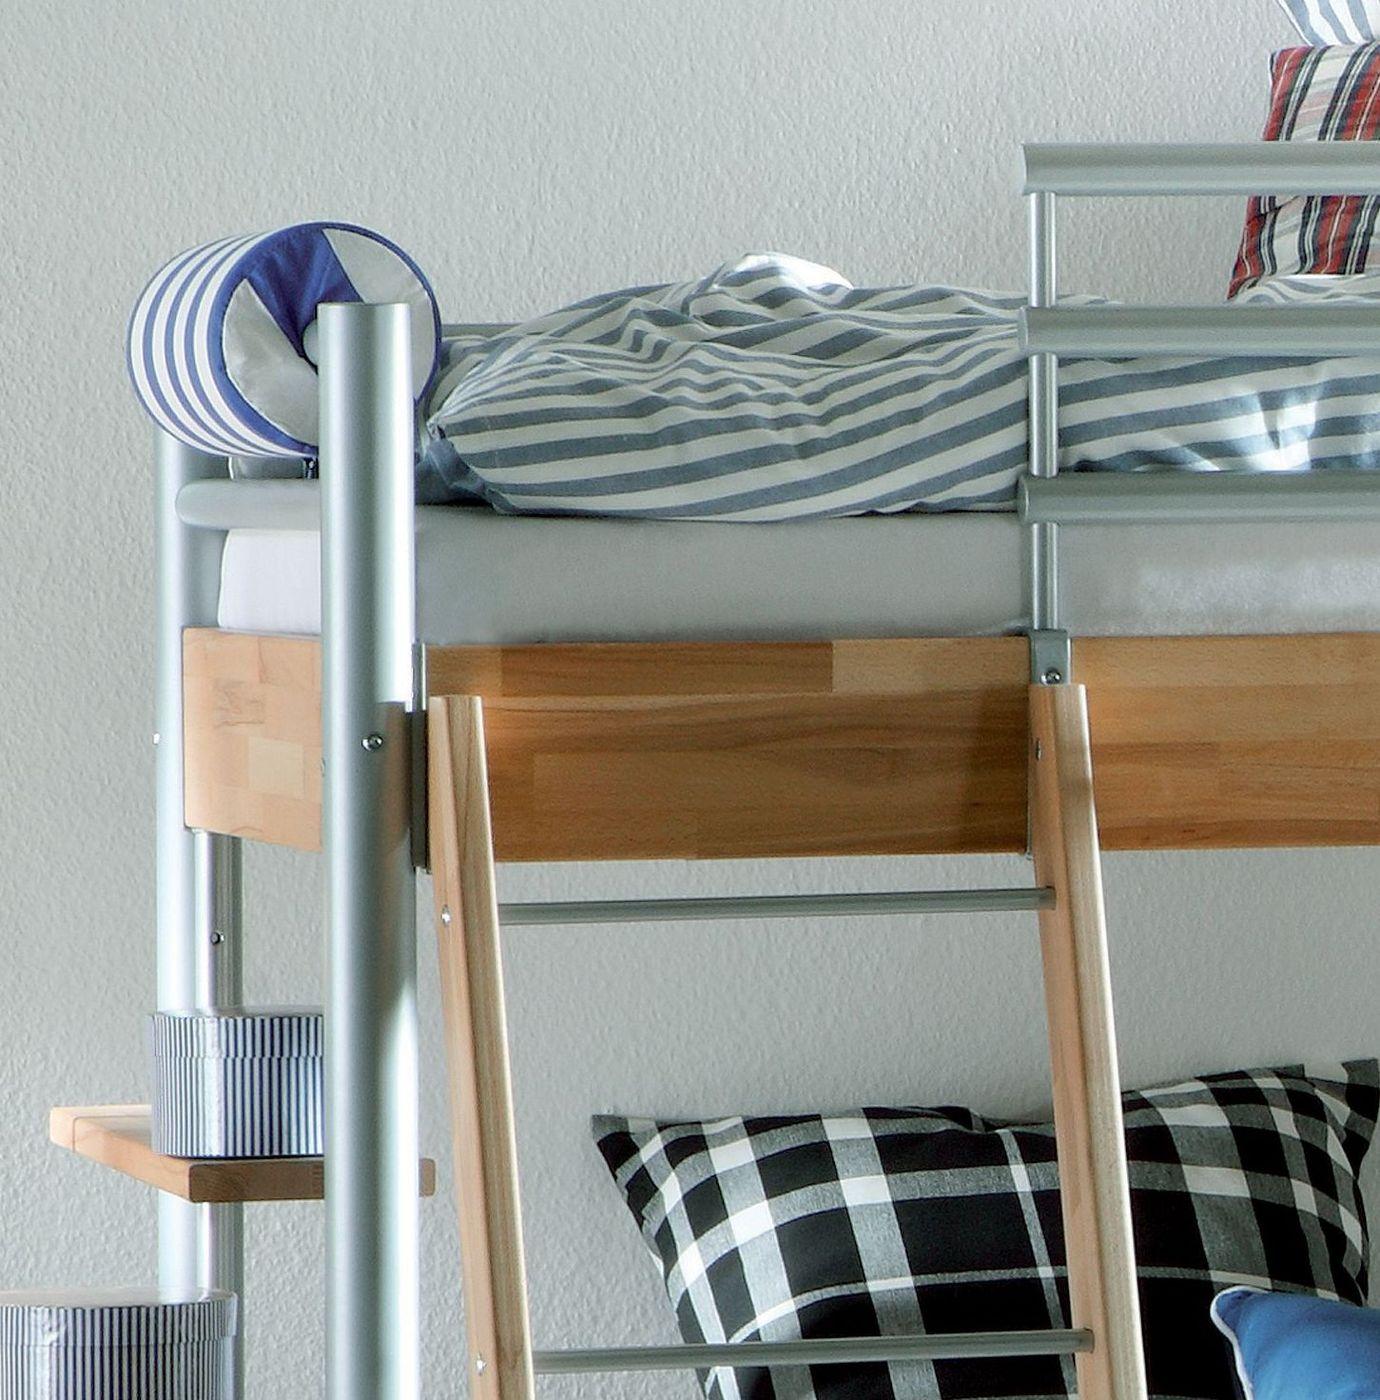 etagenbett metall gallery of hemnes bettgestell x cm ikea und ikea einzelbett schwarz ikea. Black Bedroom Furniture Sets. Home Design Ideas